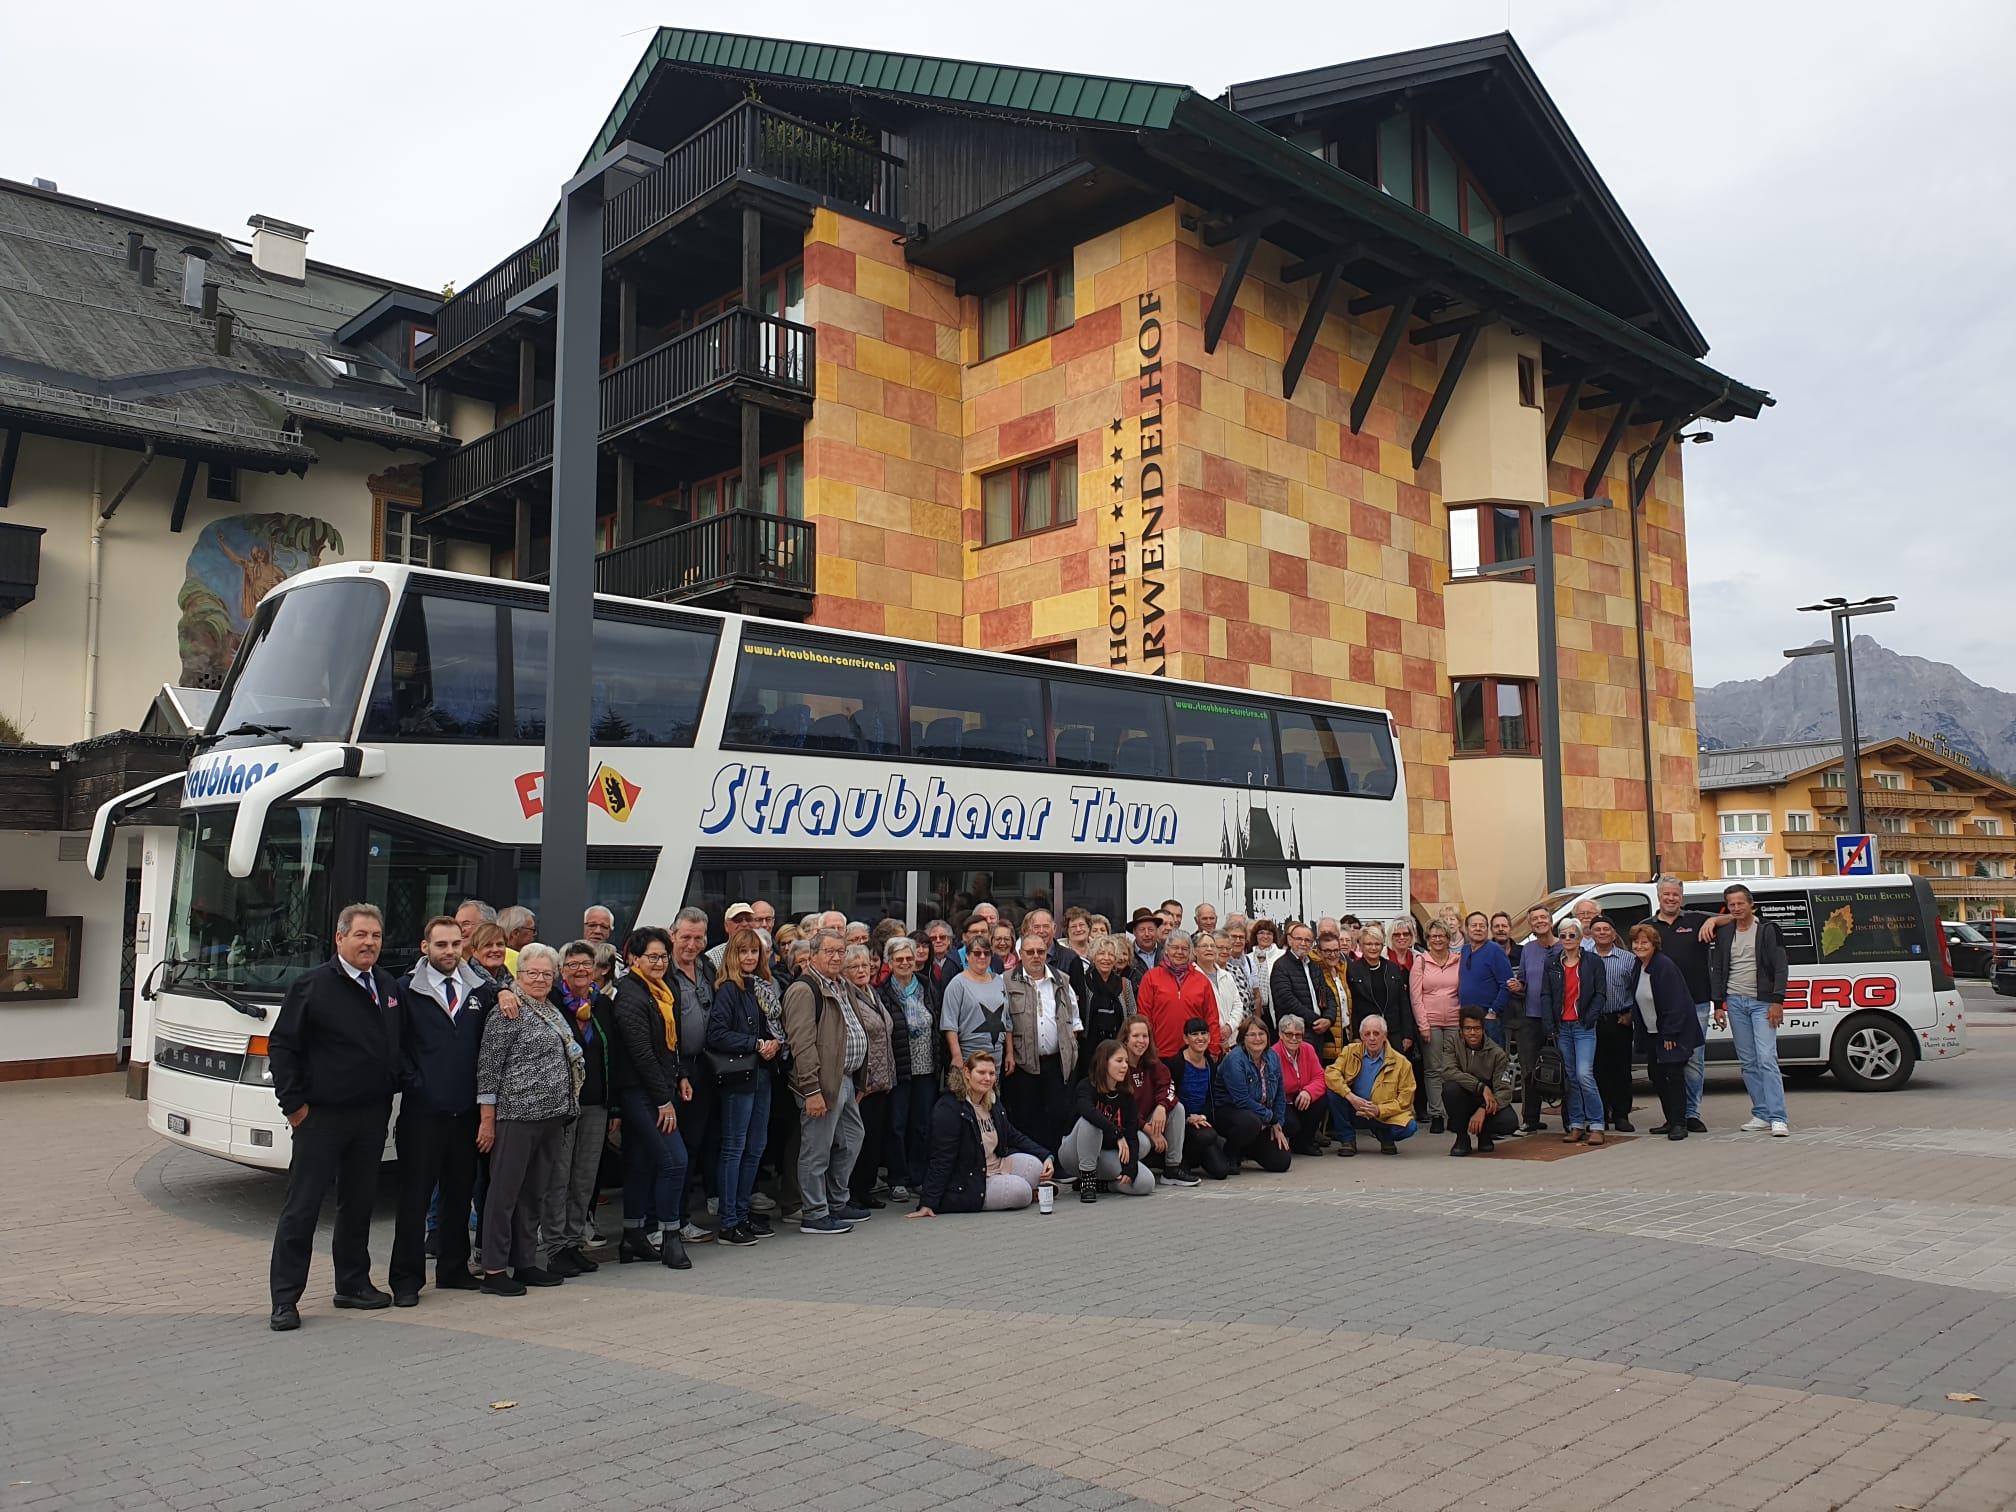 Straubhaar Thun glückliche Gäste vor dem Bus